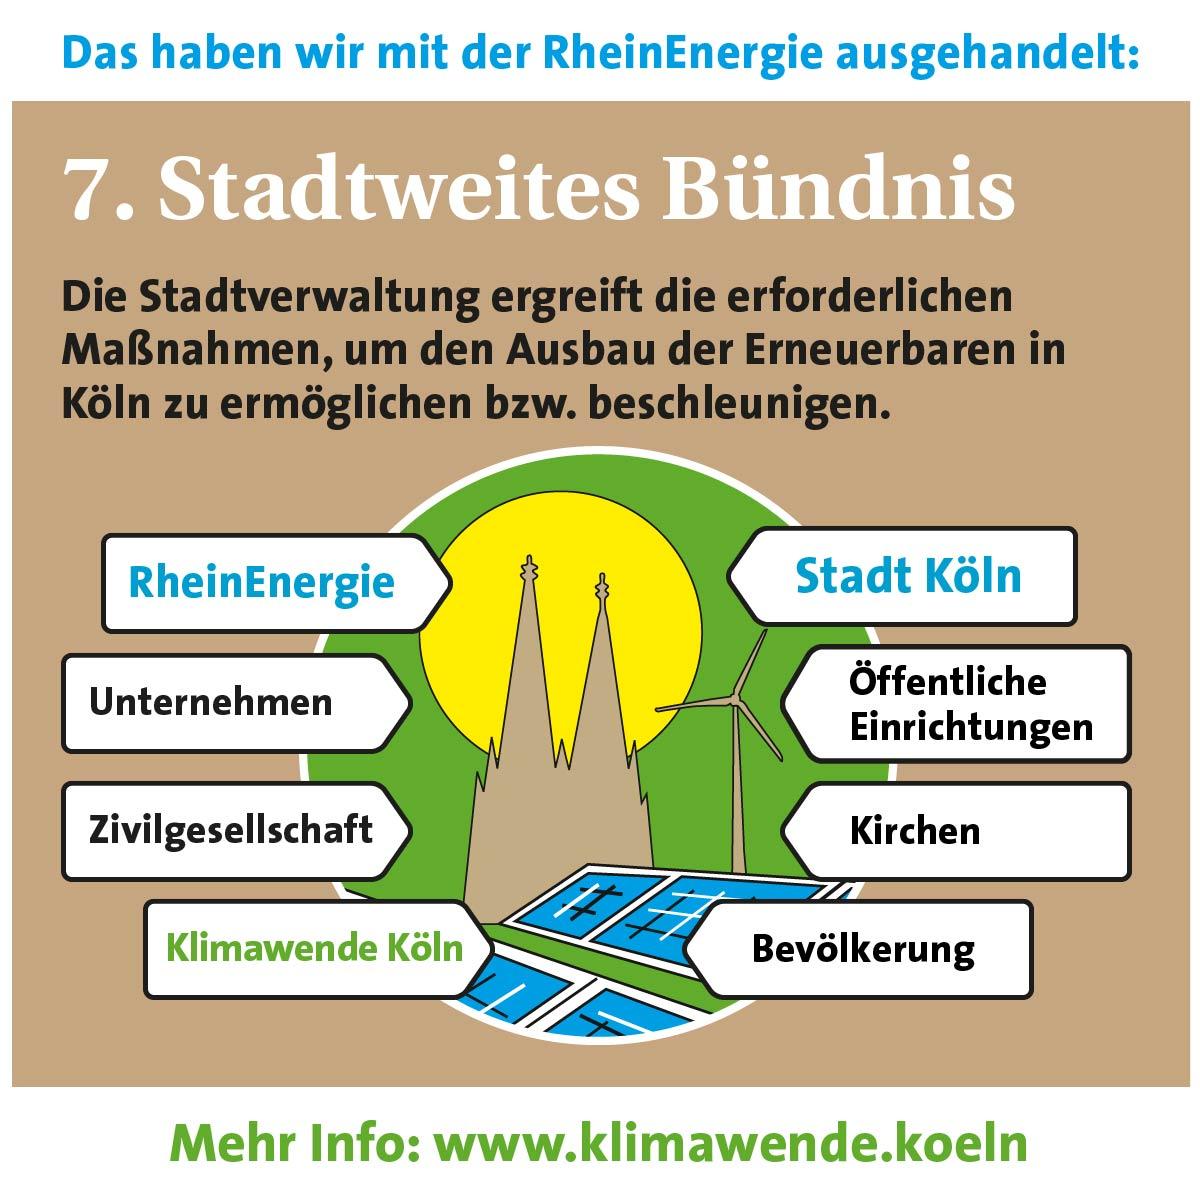 Kernpunkte: 7) stadtweites Bündnis